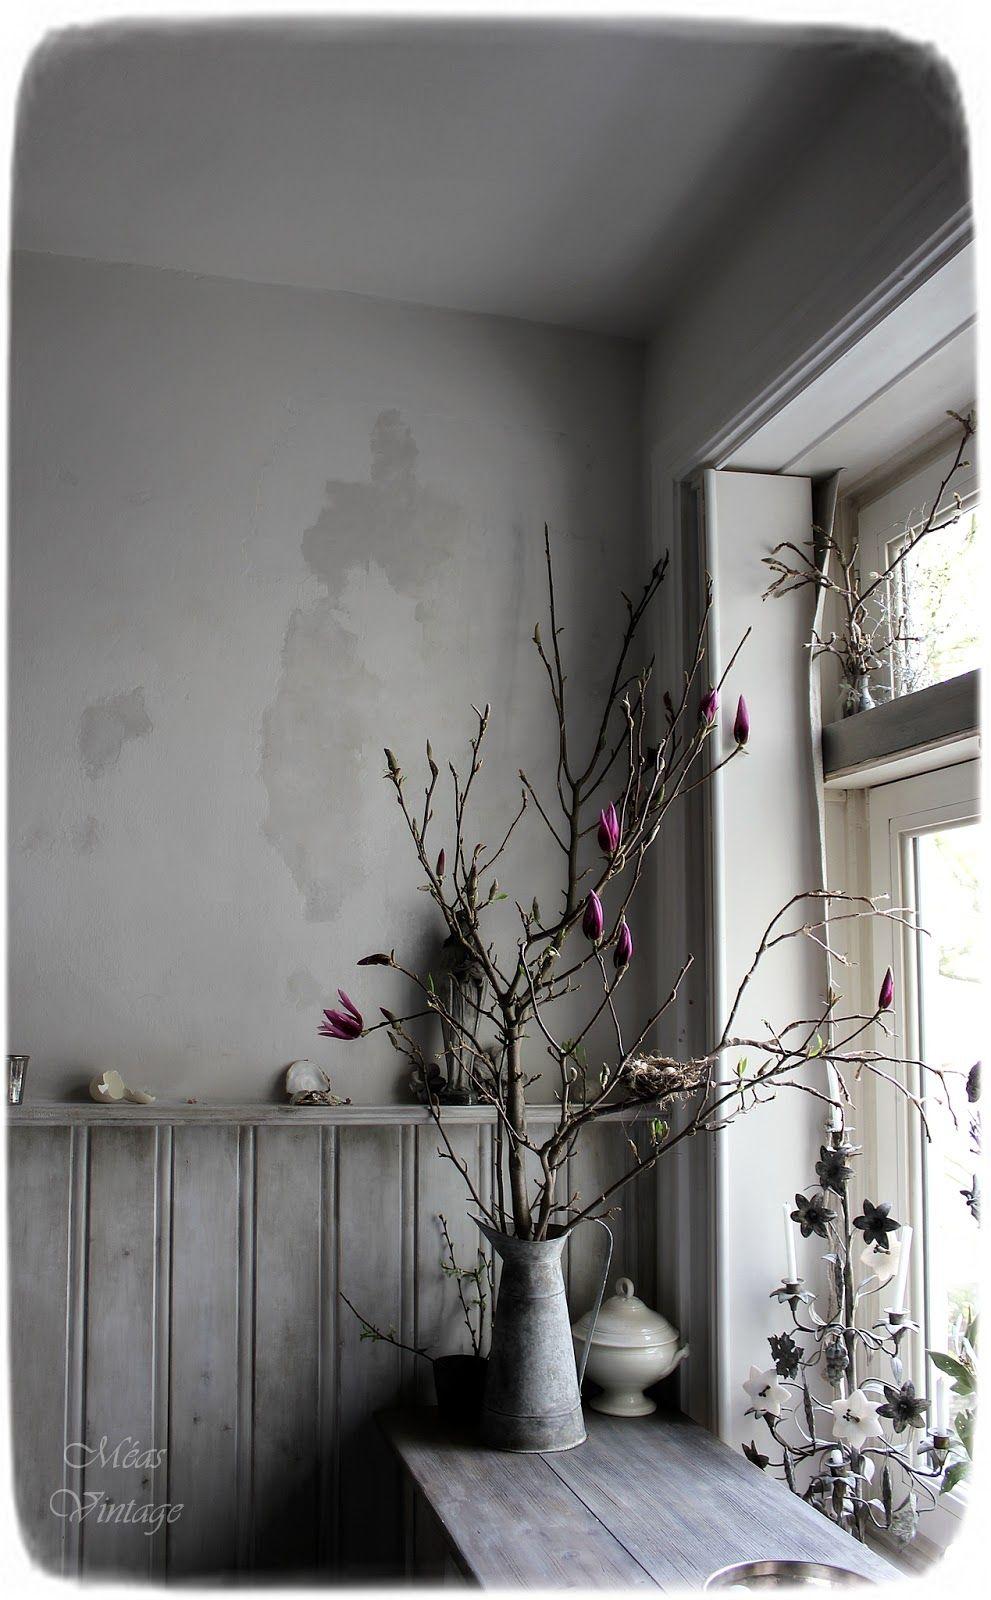 Die Holzpaneele An Der Wand Bekamen Vor Kurzem Erst Den Richtigen Stil Fur Ein Vorher Nachher Hier Klicken Scrollt Holzpaneele Holzpaneele Wand Meas Vintage